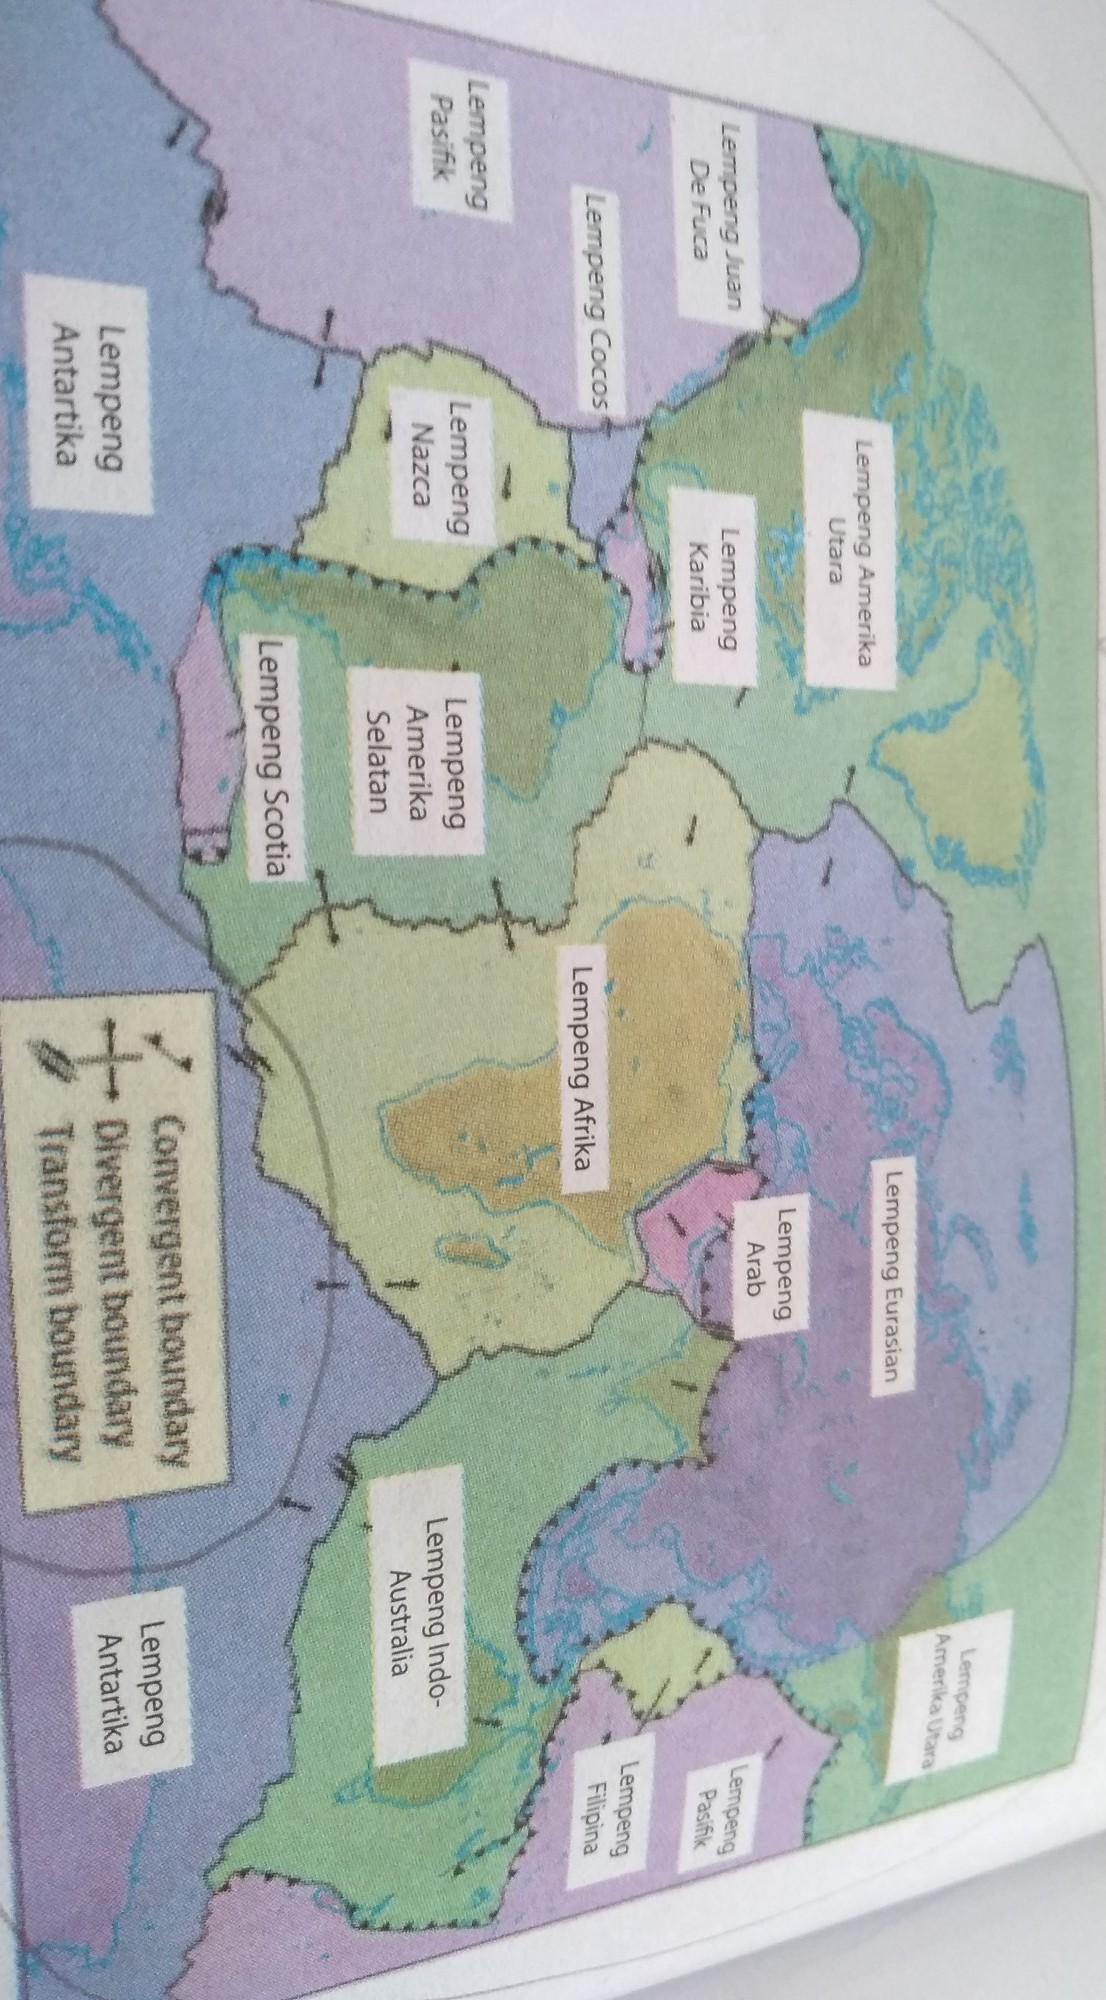 Lempeng Antartika : lempeng, antartika, Tolong, Lempeng, Termasuk, Divergent,, Convergent,dan, Ttransform.plissss, Jawab, Brainly.co.id